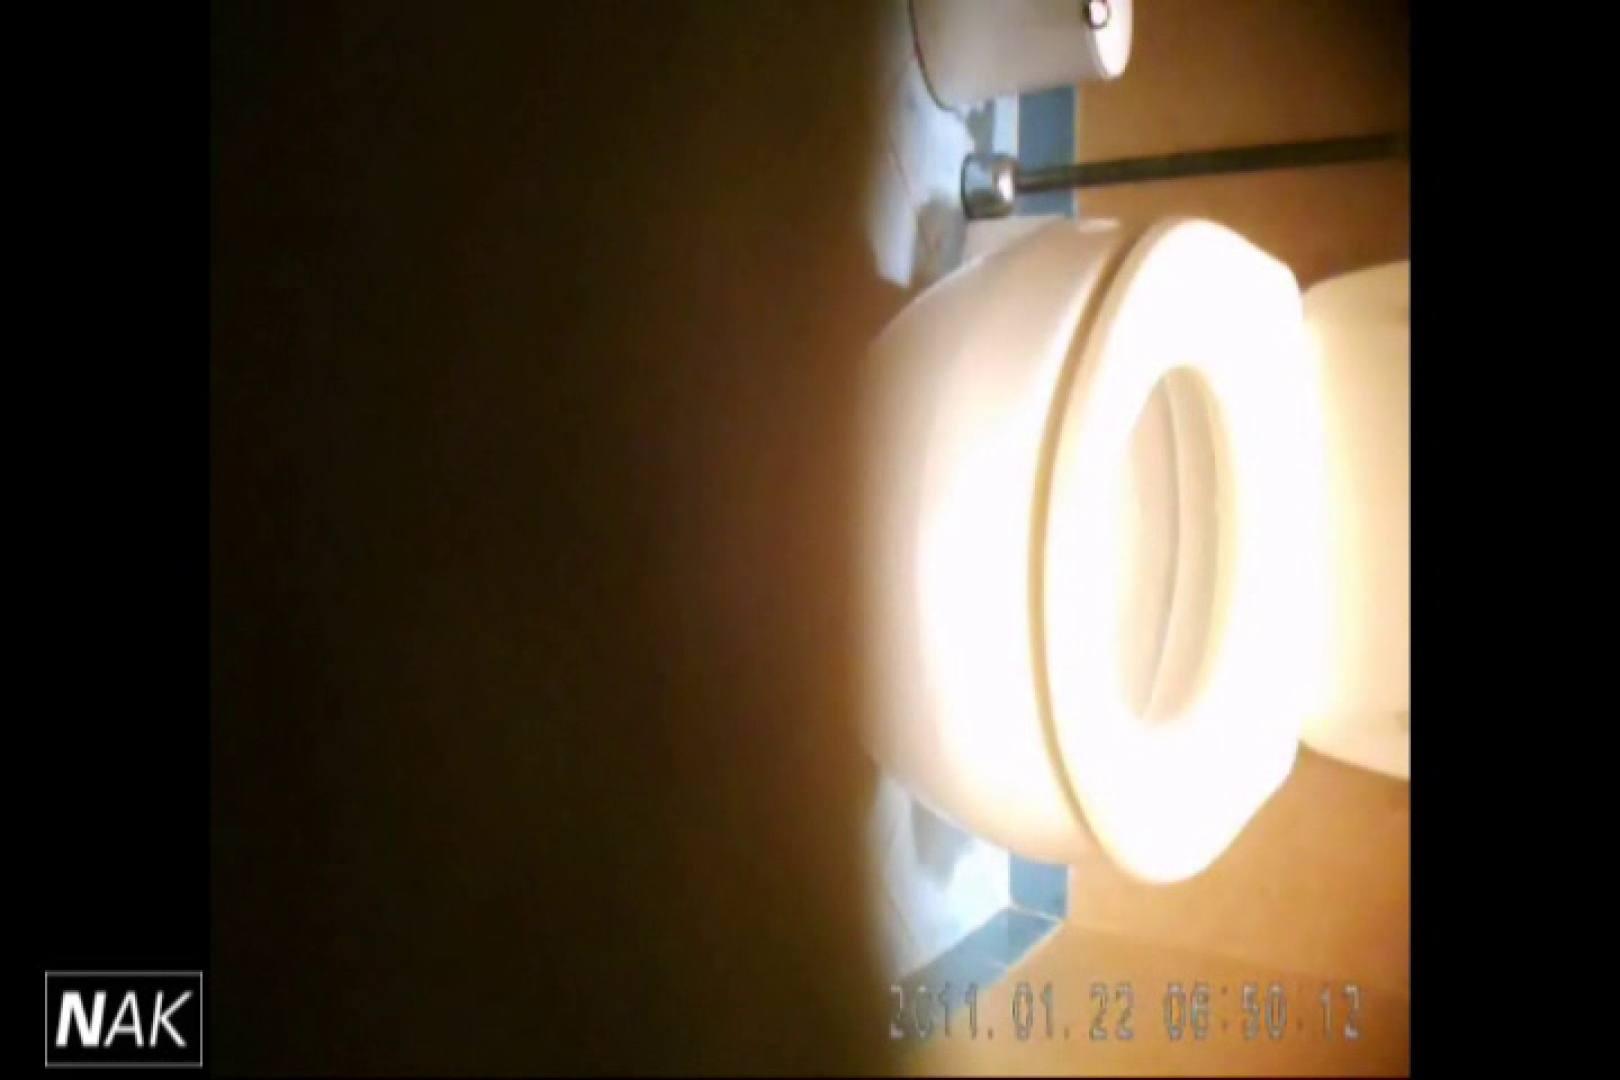 せん八さんの厠観察日記!2点監視カメラ 高画質5000K vol.09 高画質 盗撮オメコ無修正動画無料 90画像 19